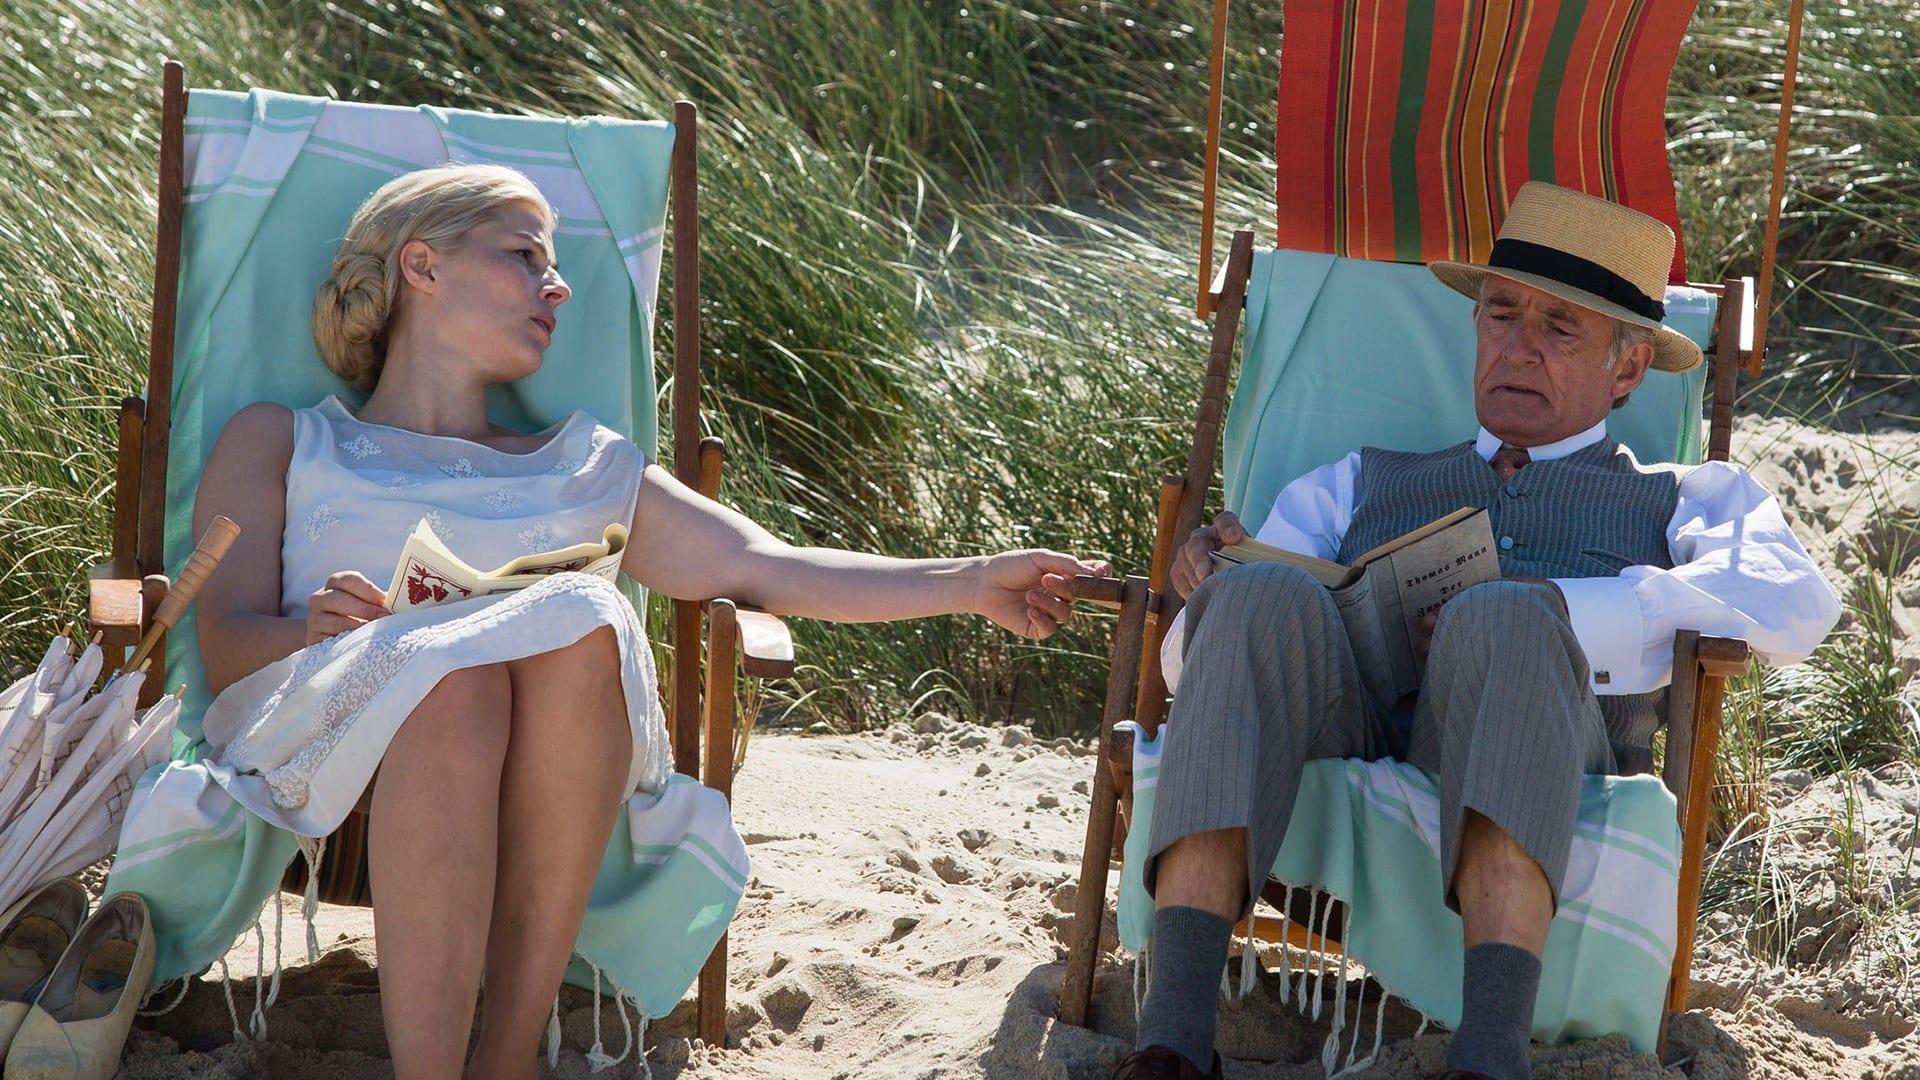 SerieTivu: Seaside Hotel quarto appuntamento. Arriva il period drama ambientato sulle coste del Mare del Nord, in prima visione tv su TV2000